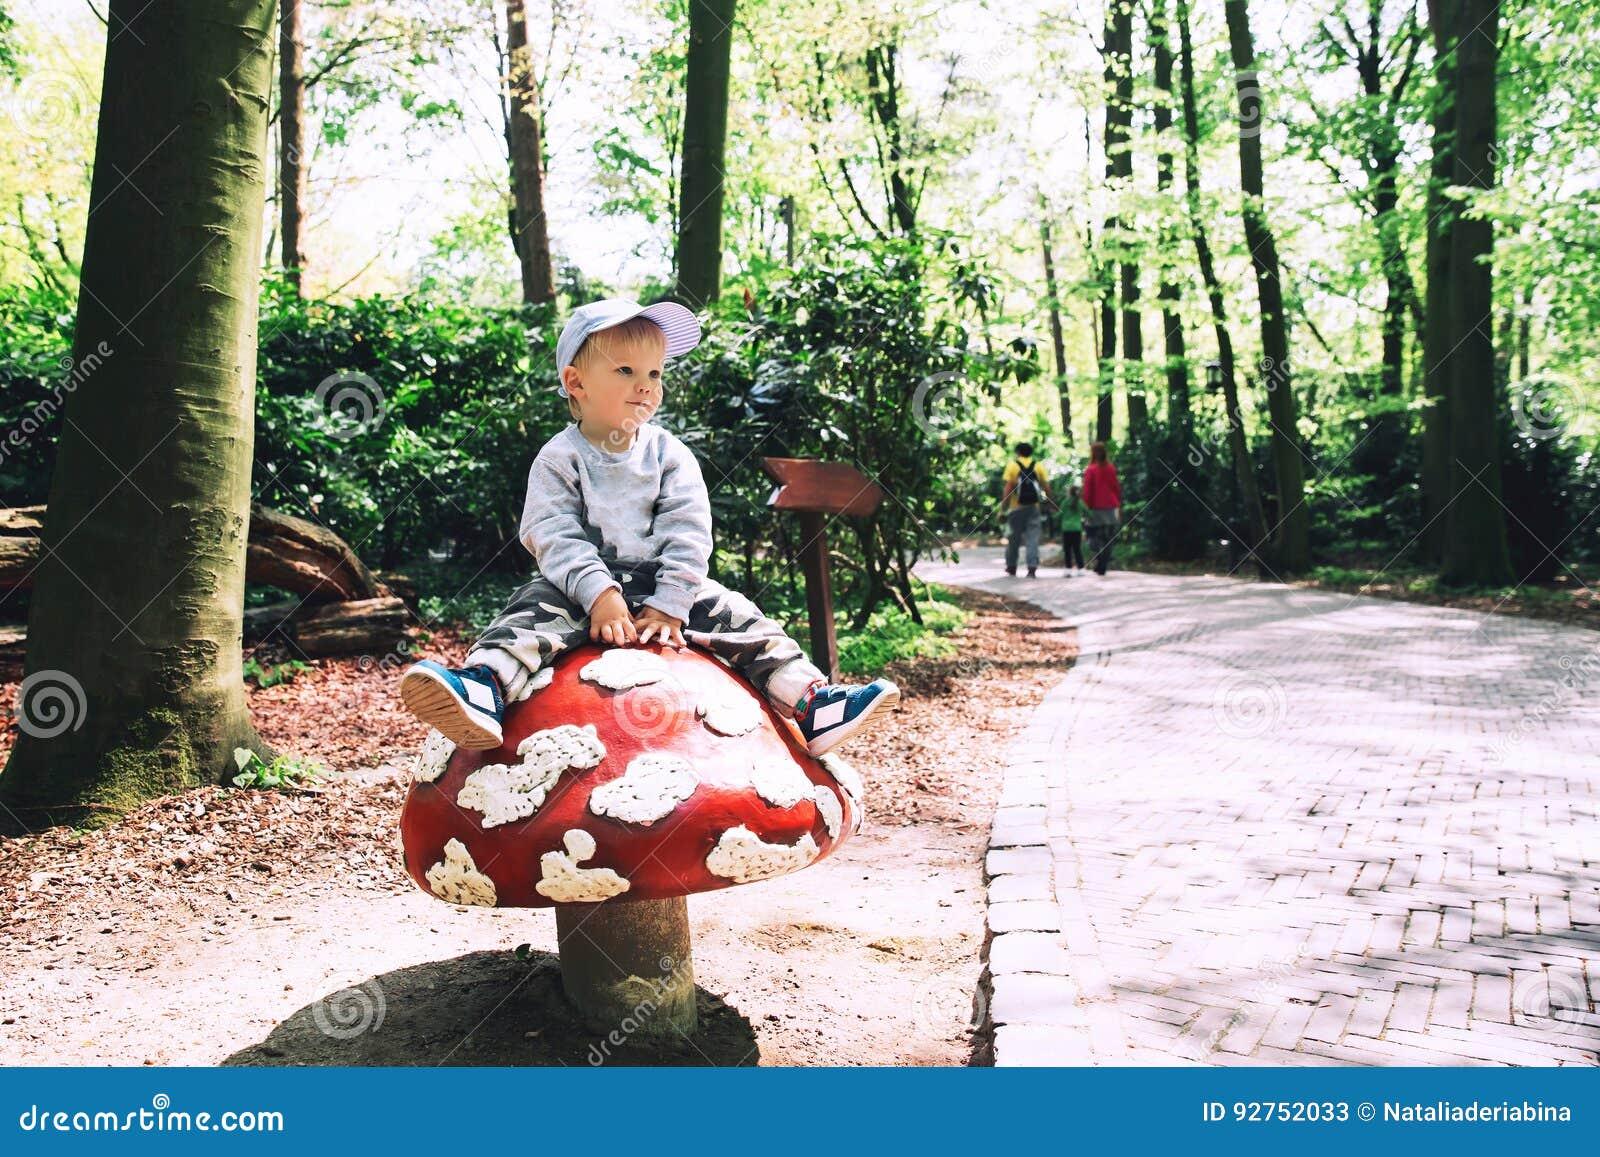 La familia se está divirtiendo en el parque de atracciones Efteling, Países Bajos